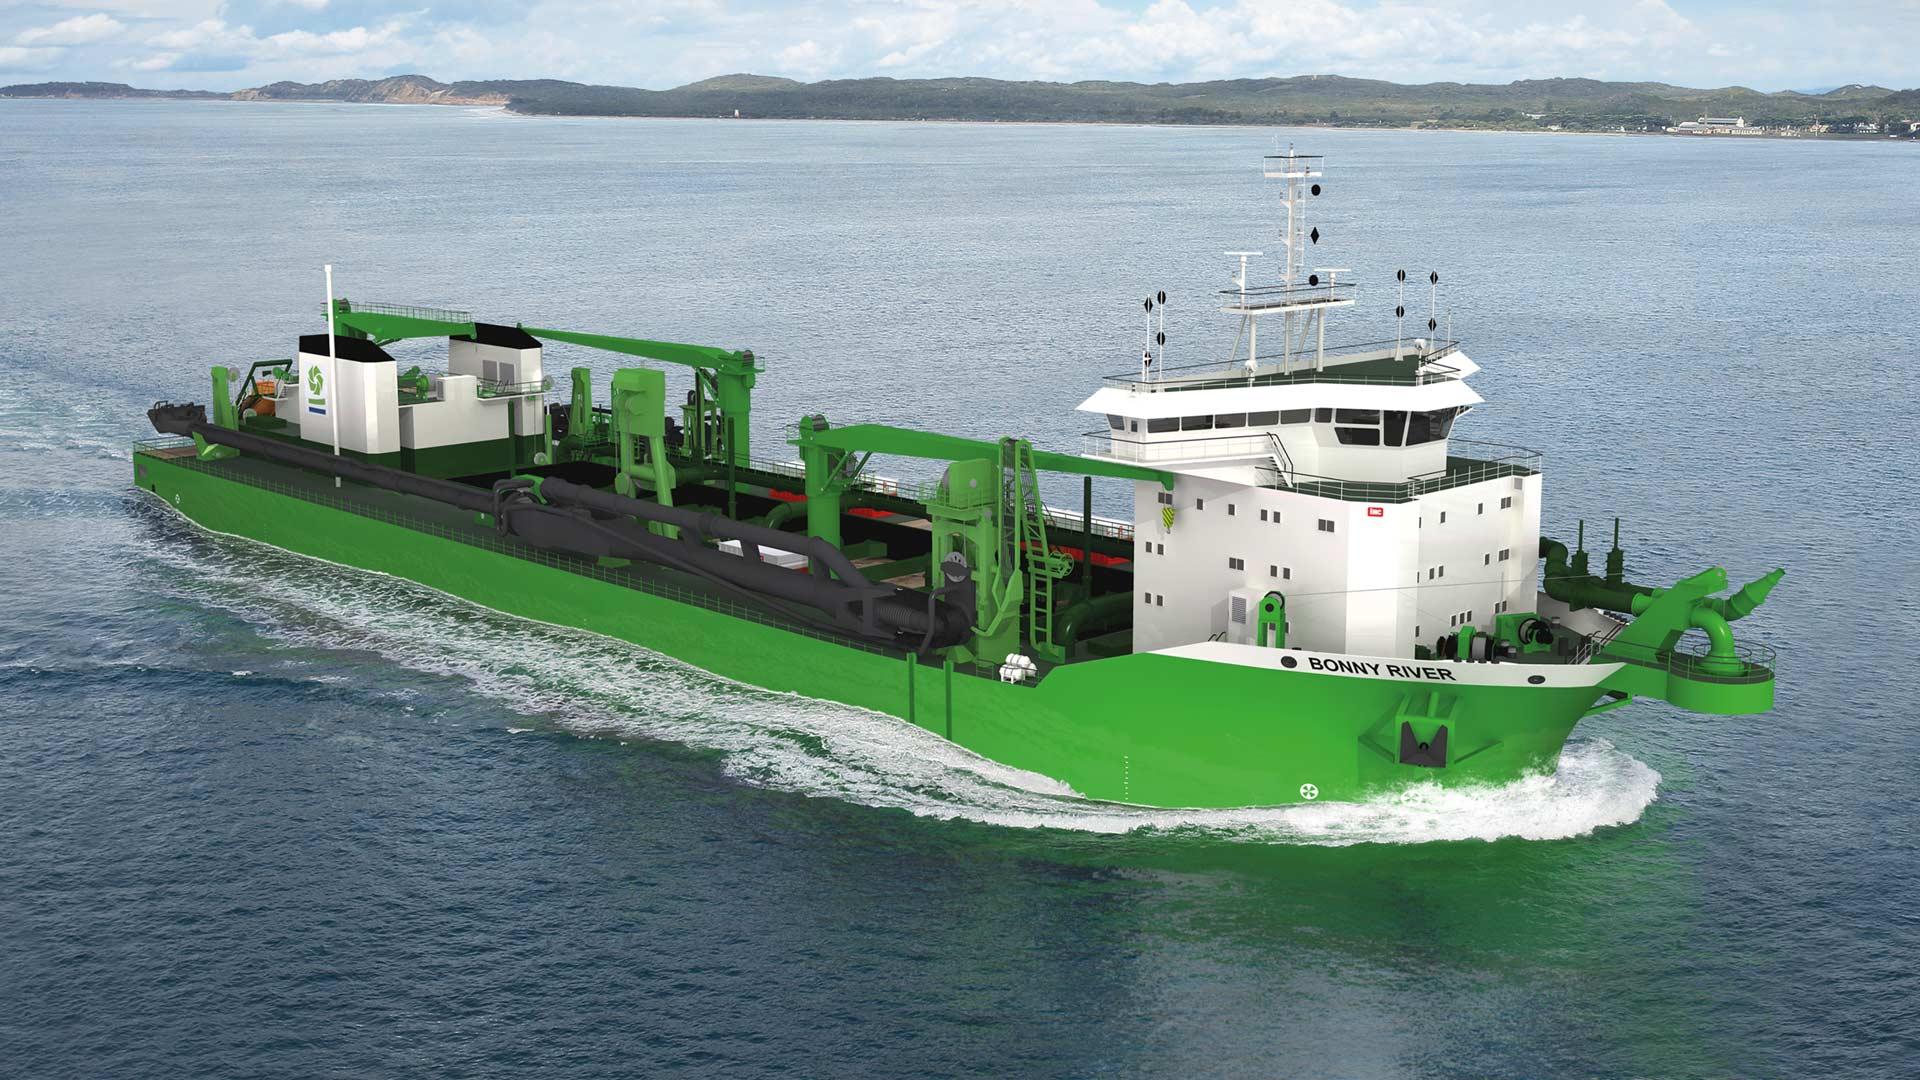 c-job-project-ship-design-project-dredger-bonny-river - C-Job